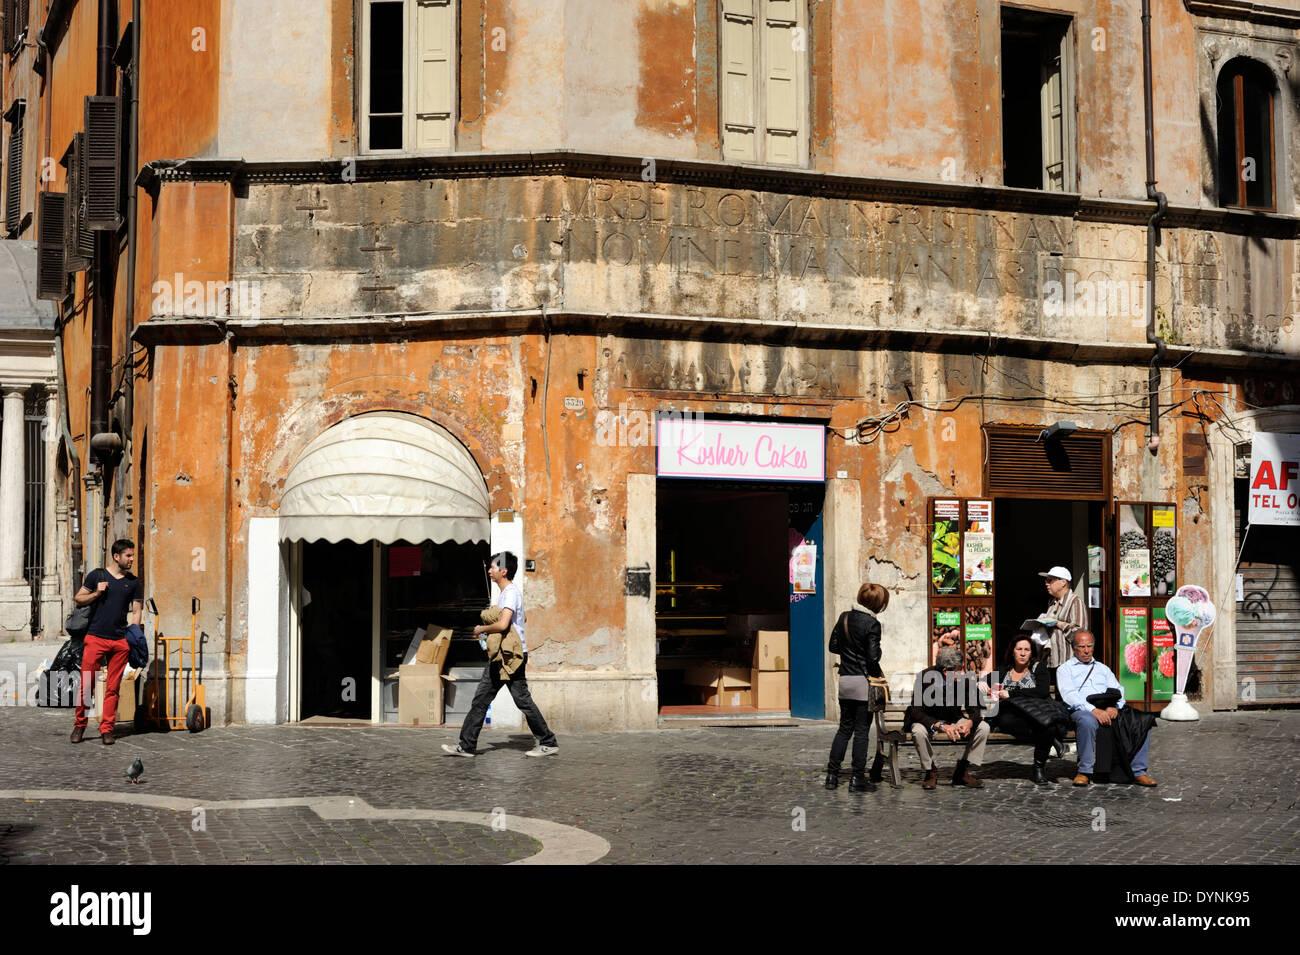 italy rome jewish ghetto via del portico d 39 ottavia casa di stock photo royalty free image. Black Bedroom Furniture Sets. Home Design Ideas